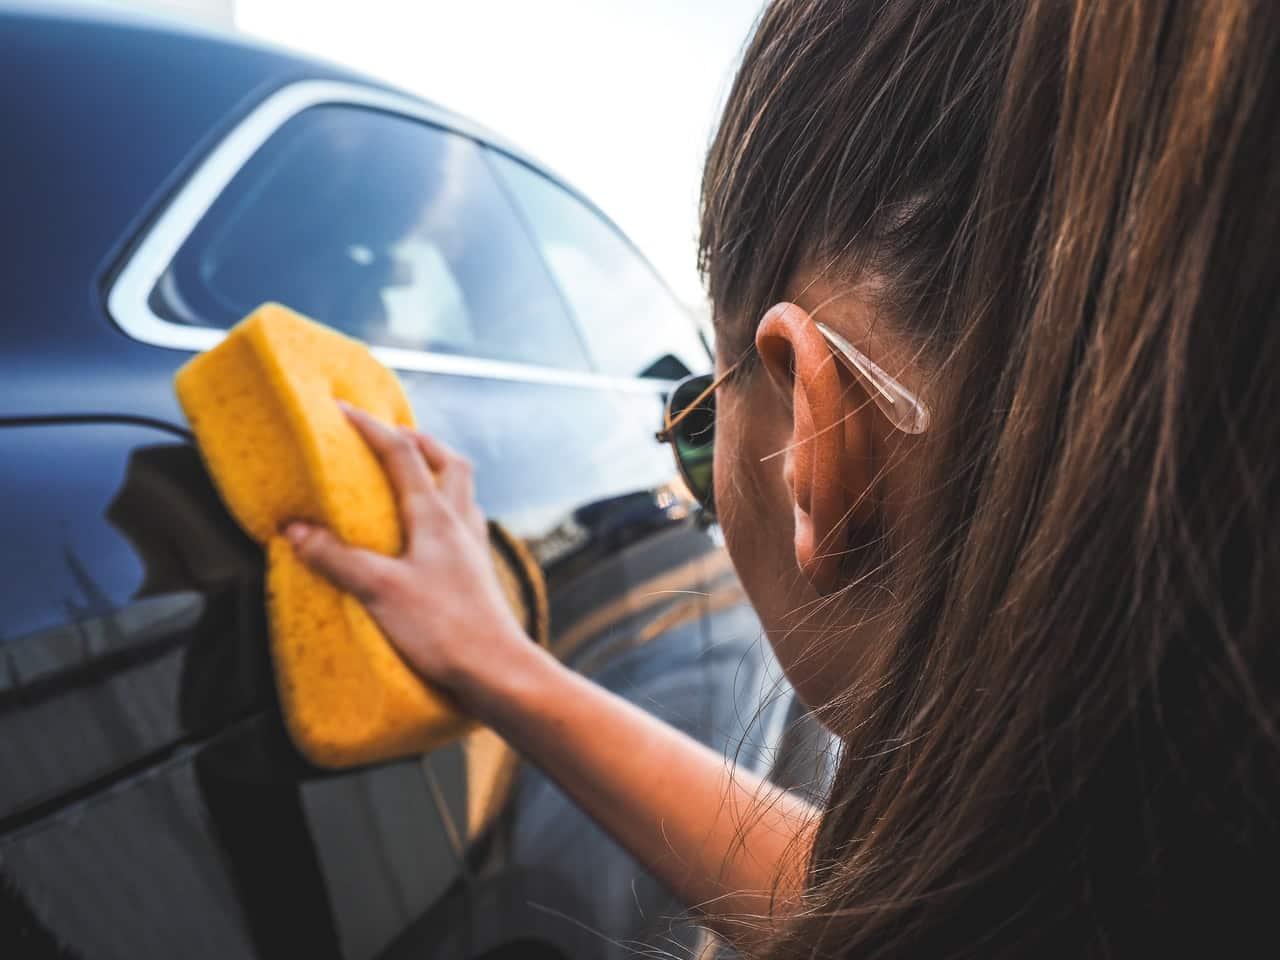 Femme lavant la carrosserie d'une voiture avec une grosse éponge jaune